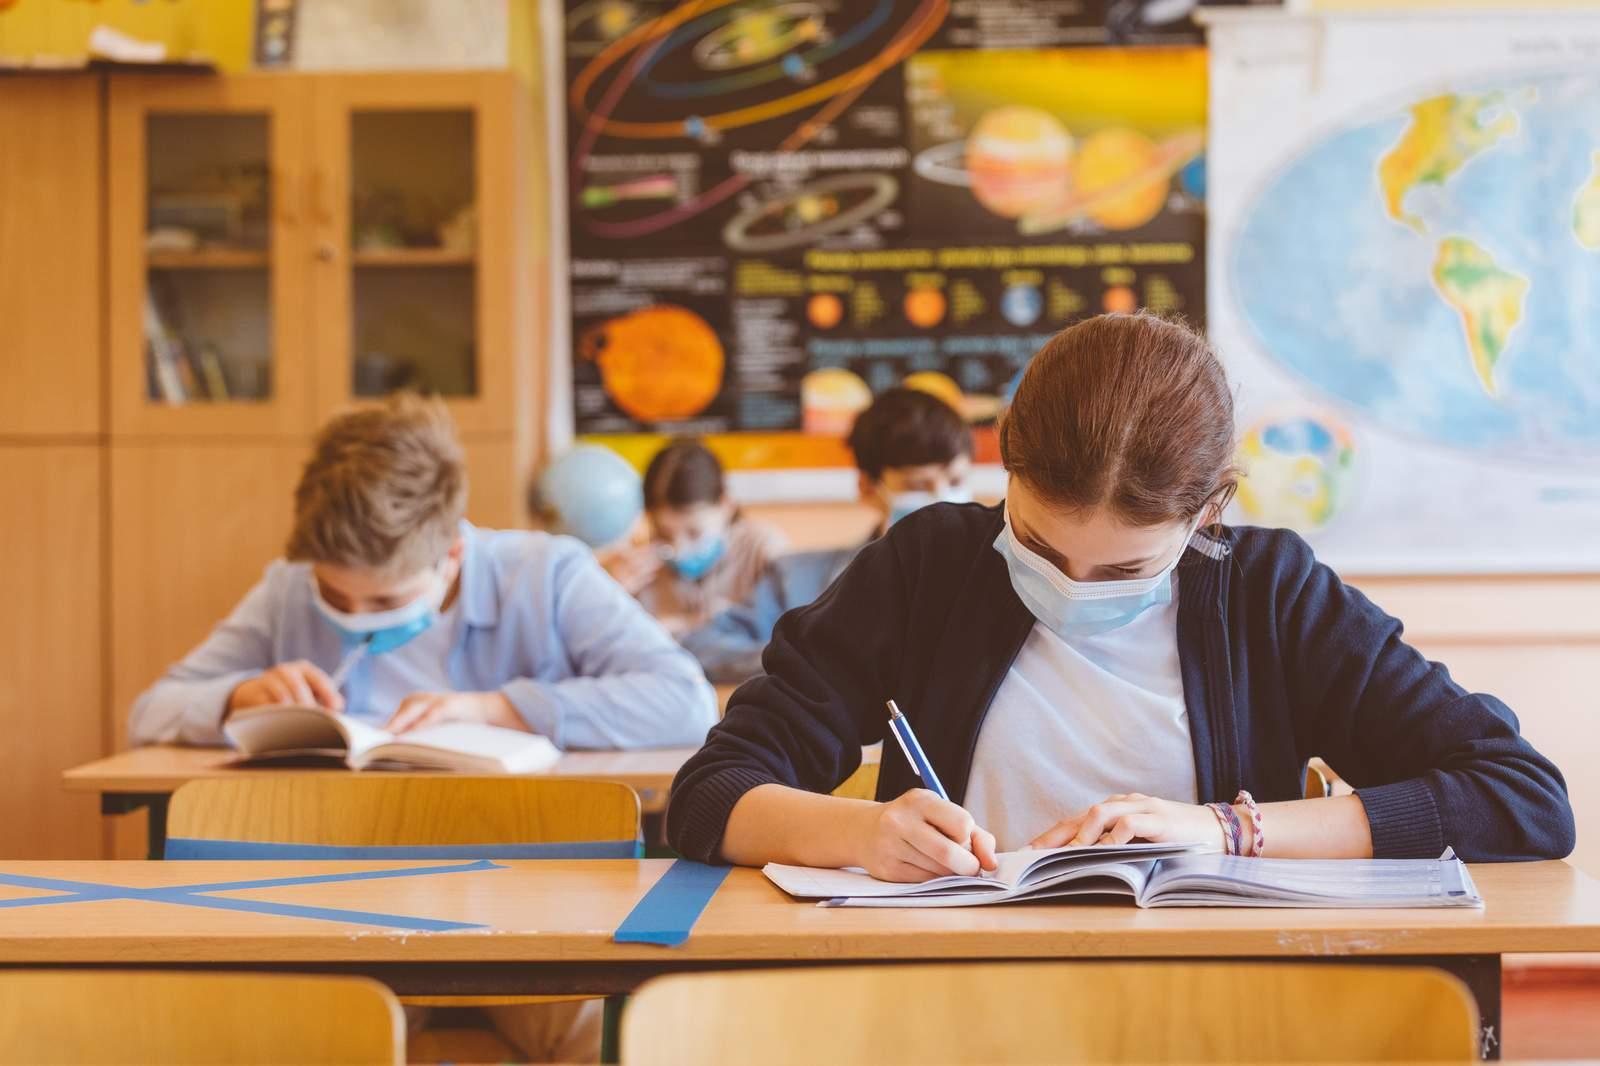 Danh sách một số trường trung học tư thục, nội trú bang California